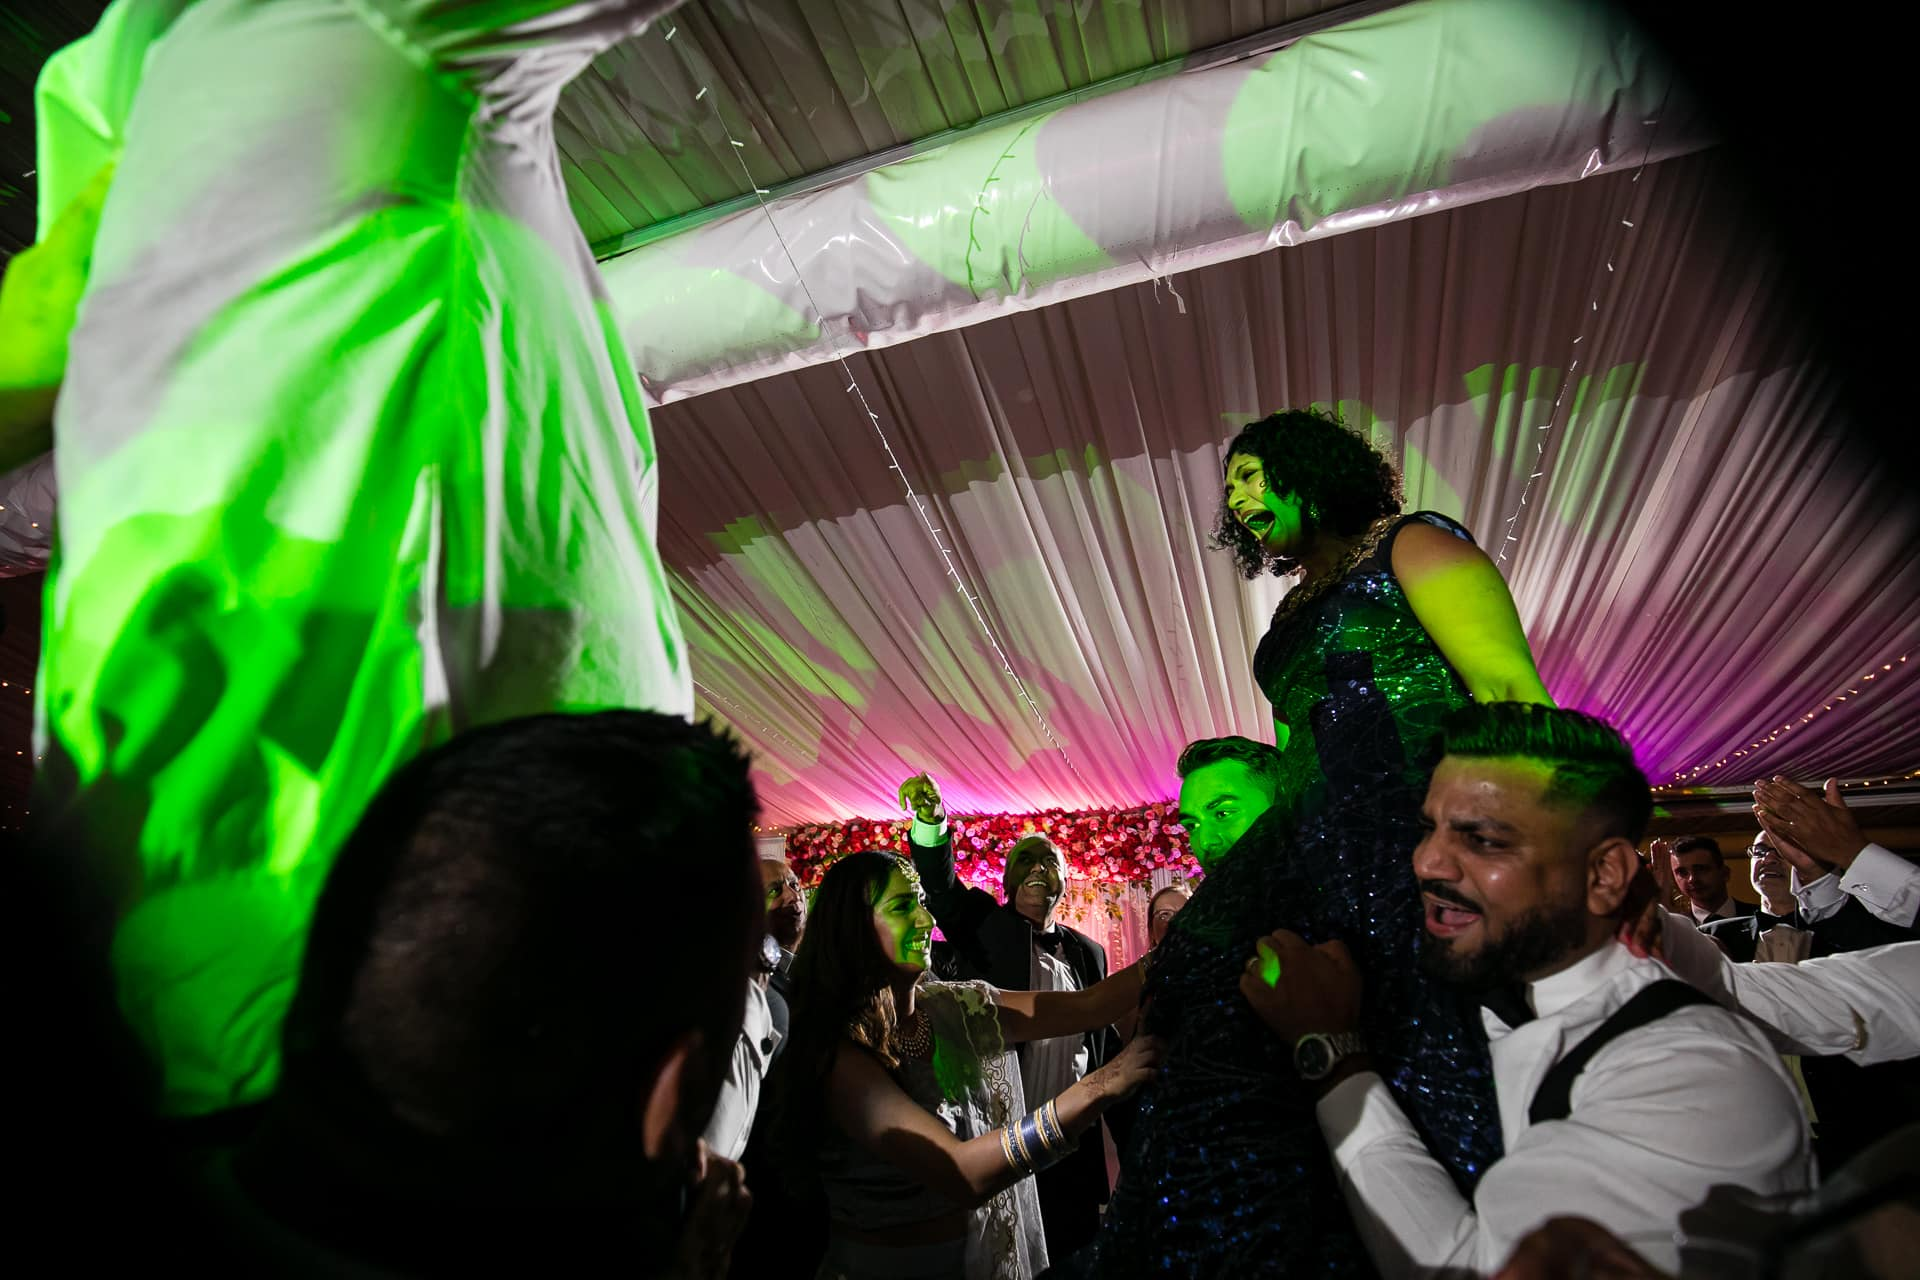 Wedding Reception Party at Tewinbury Farm